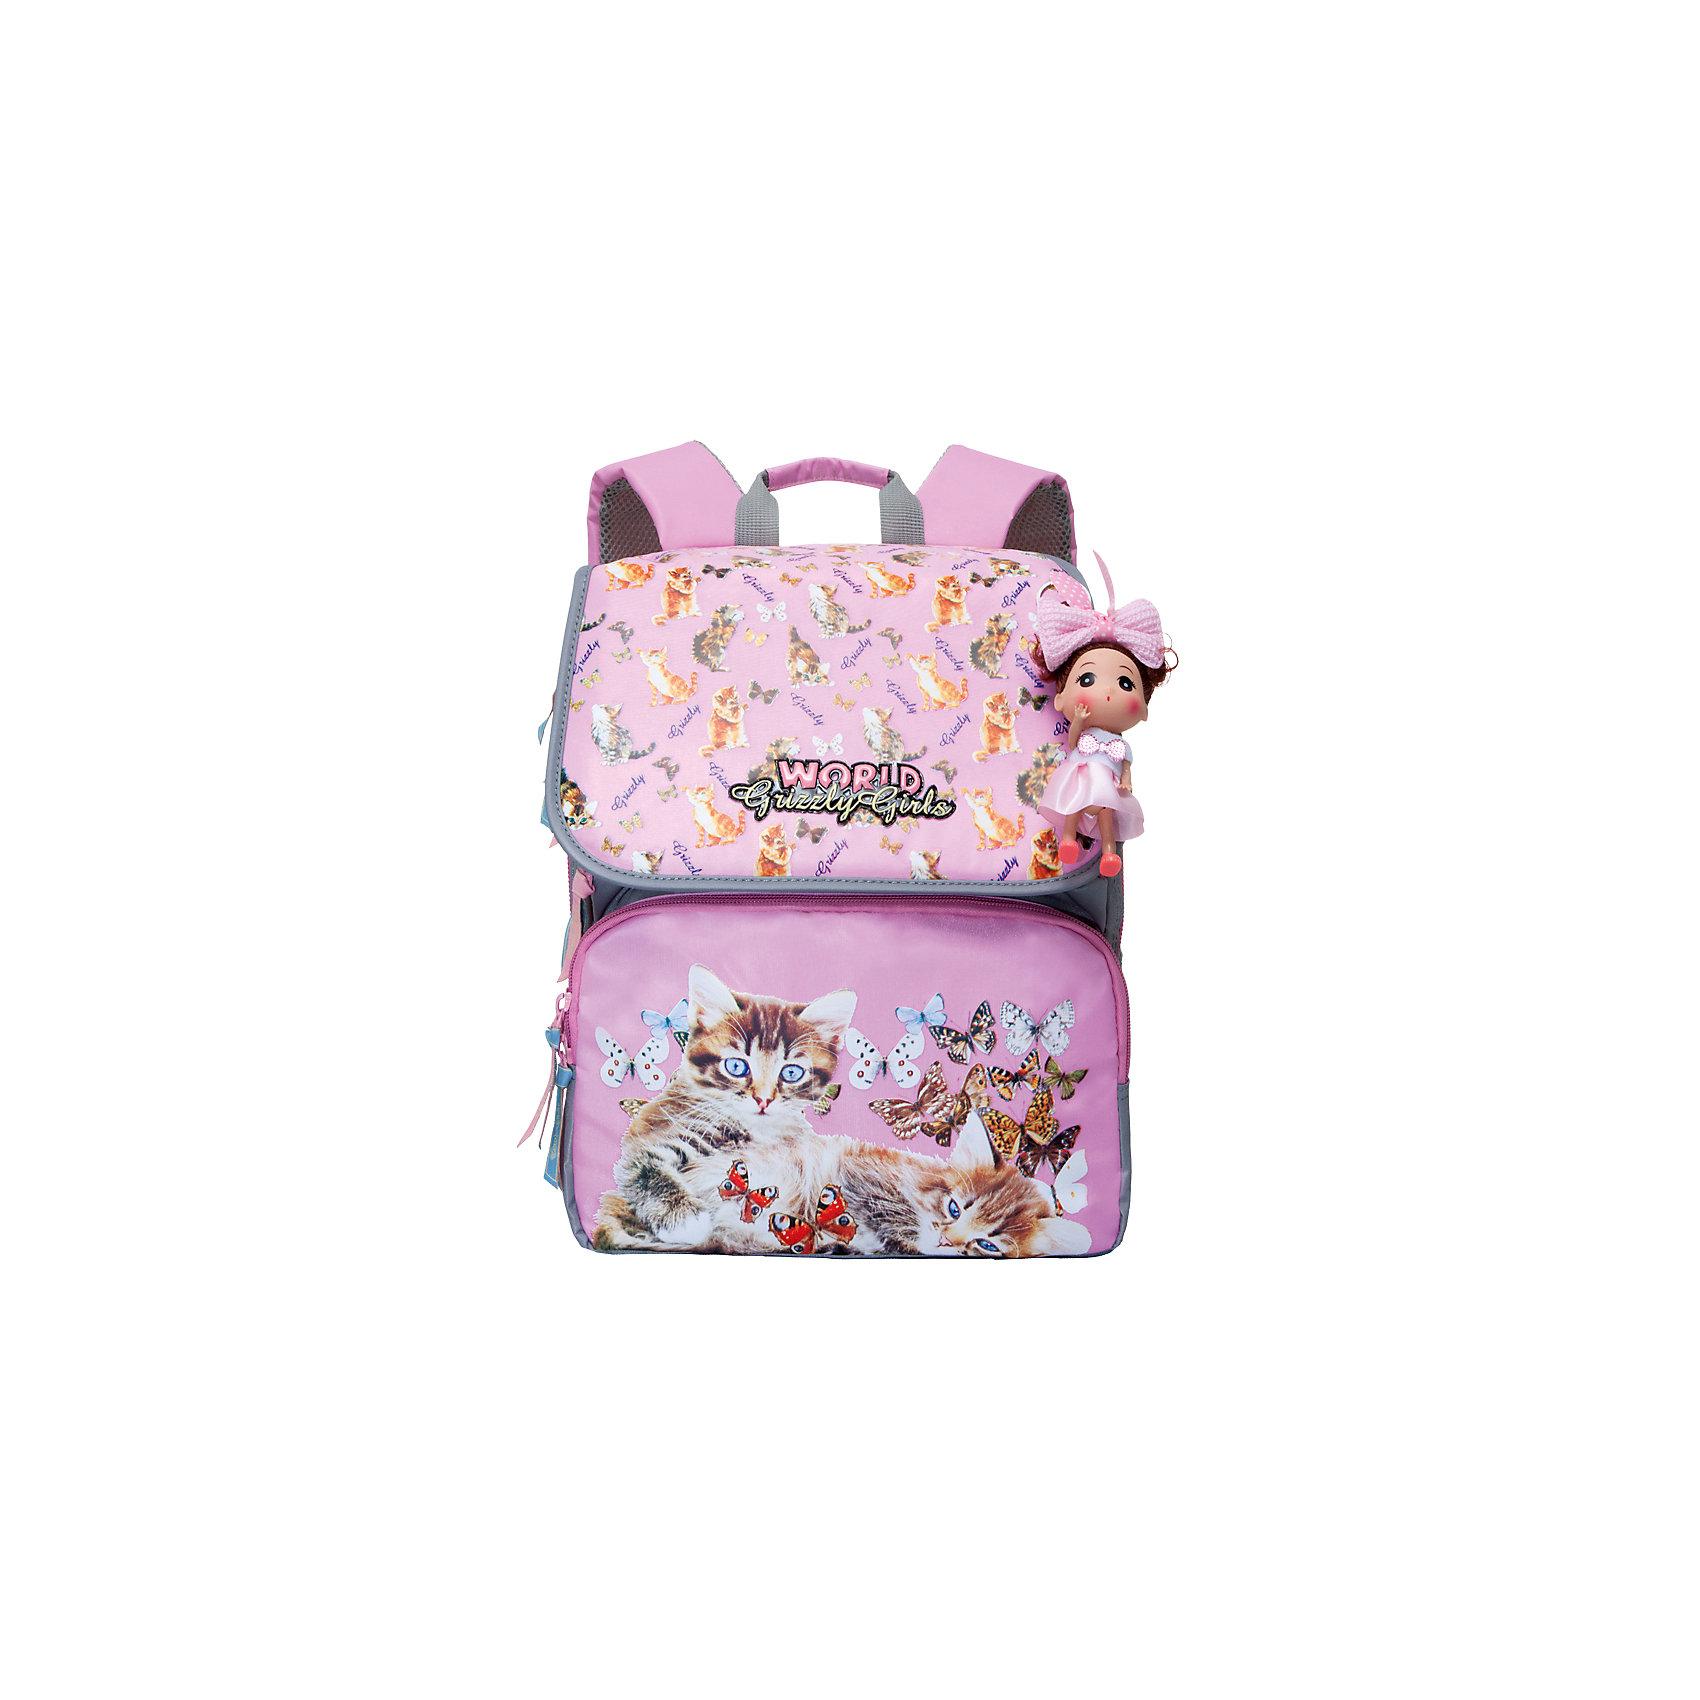 Grizzly Рюкзак школьный розовыйРюкзаки<br>Школьный рюкзак, розовый, Grizzly (Гризли) ? рюкзак отечественного бренда Гризли школьной серии.  Рюкзак  выполнен из нейлона высокого качества, что обеспечивает, с одной стороны, легкий вес, а с другой ? надежность и прочность. Все швы выполнены капроновыми нитками, что делает швы особенно крепкими и устойчивыми к износу даже в течение нескольких лет. <br>Внутреннее устройство рюкзака состоит из двух вместительных отсеков, внутреннего составного пенала-органайзера и клапана на липучке. На передней стенке имеются два объемных кармана, застегивающихся на молнию. Удобство и эргономичность рюкзака создается за счет жесткой анатомической спинки, укрепленных лямок и мягкой укрепленной ручки. Также имеется дополнительная ручка-петля. С четырех сторон рюкзака имеются светоотражающие элементы. В комплекте с рюкзаком идет игрушка-брелок. Уникальность рюкзаков Grizzly заключается в том, что анатомическая спинка изготовлена из специальной ткани, которая пропускает воздух, тем самым защищает спину от повышенного потоотделения.<br>Все рюкзаки школьной серии Grizzly (Гризли) имеют оригинальный современный дизайн. Школьный рюкзак, розовый, Grizzly (Гризли) выполнен в голубых оттенках с розовыми элементами. Передний карман украшен большой яркой цветочной аппликацией, на передних карманах имеются изображения бабочек разных размеров.<br>Школьный рюкзак, розовый, Grizzly (Гризли) ? это качество материалов, удобство, стиль и долговечность использования. <br><br>Дополнительная информация:<br><br>- Вес: 900 г<br>- Габариты (Д*Г*В): 29*18*35 см<br>- Цвет: розовый, голубой, белый<br>- Материал: нейлон <br>- Сезон: круглый год<br>- Коллекция: школьная <br>- Год коллекции: 2016 <br>- Пол: женский<br>- Предназначение: для школы<br>- Особенности ухода: можно чистить влажной щеткой или губкой, допускается ручная стирка<br><br>Подробнее:<br><br>• Для школьников в возрасте: от 6 лет и до 10 лет<br>• Страна производитель: Китай<br>• Торговый бренд: Grizzly